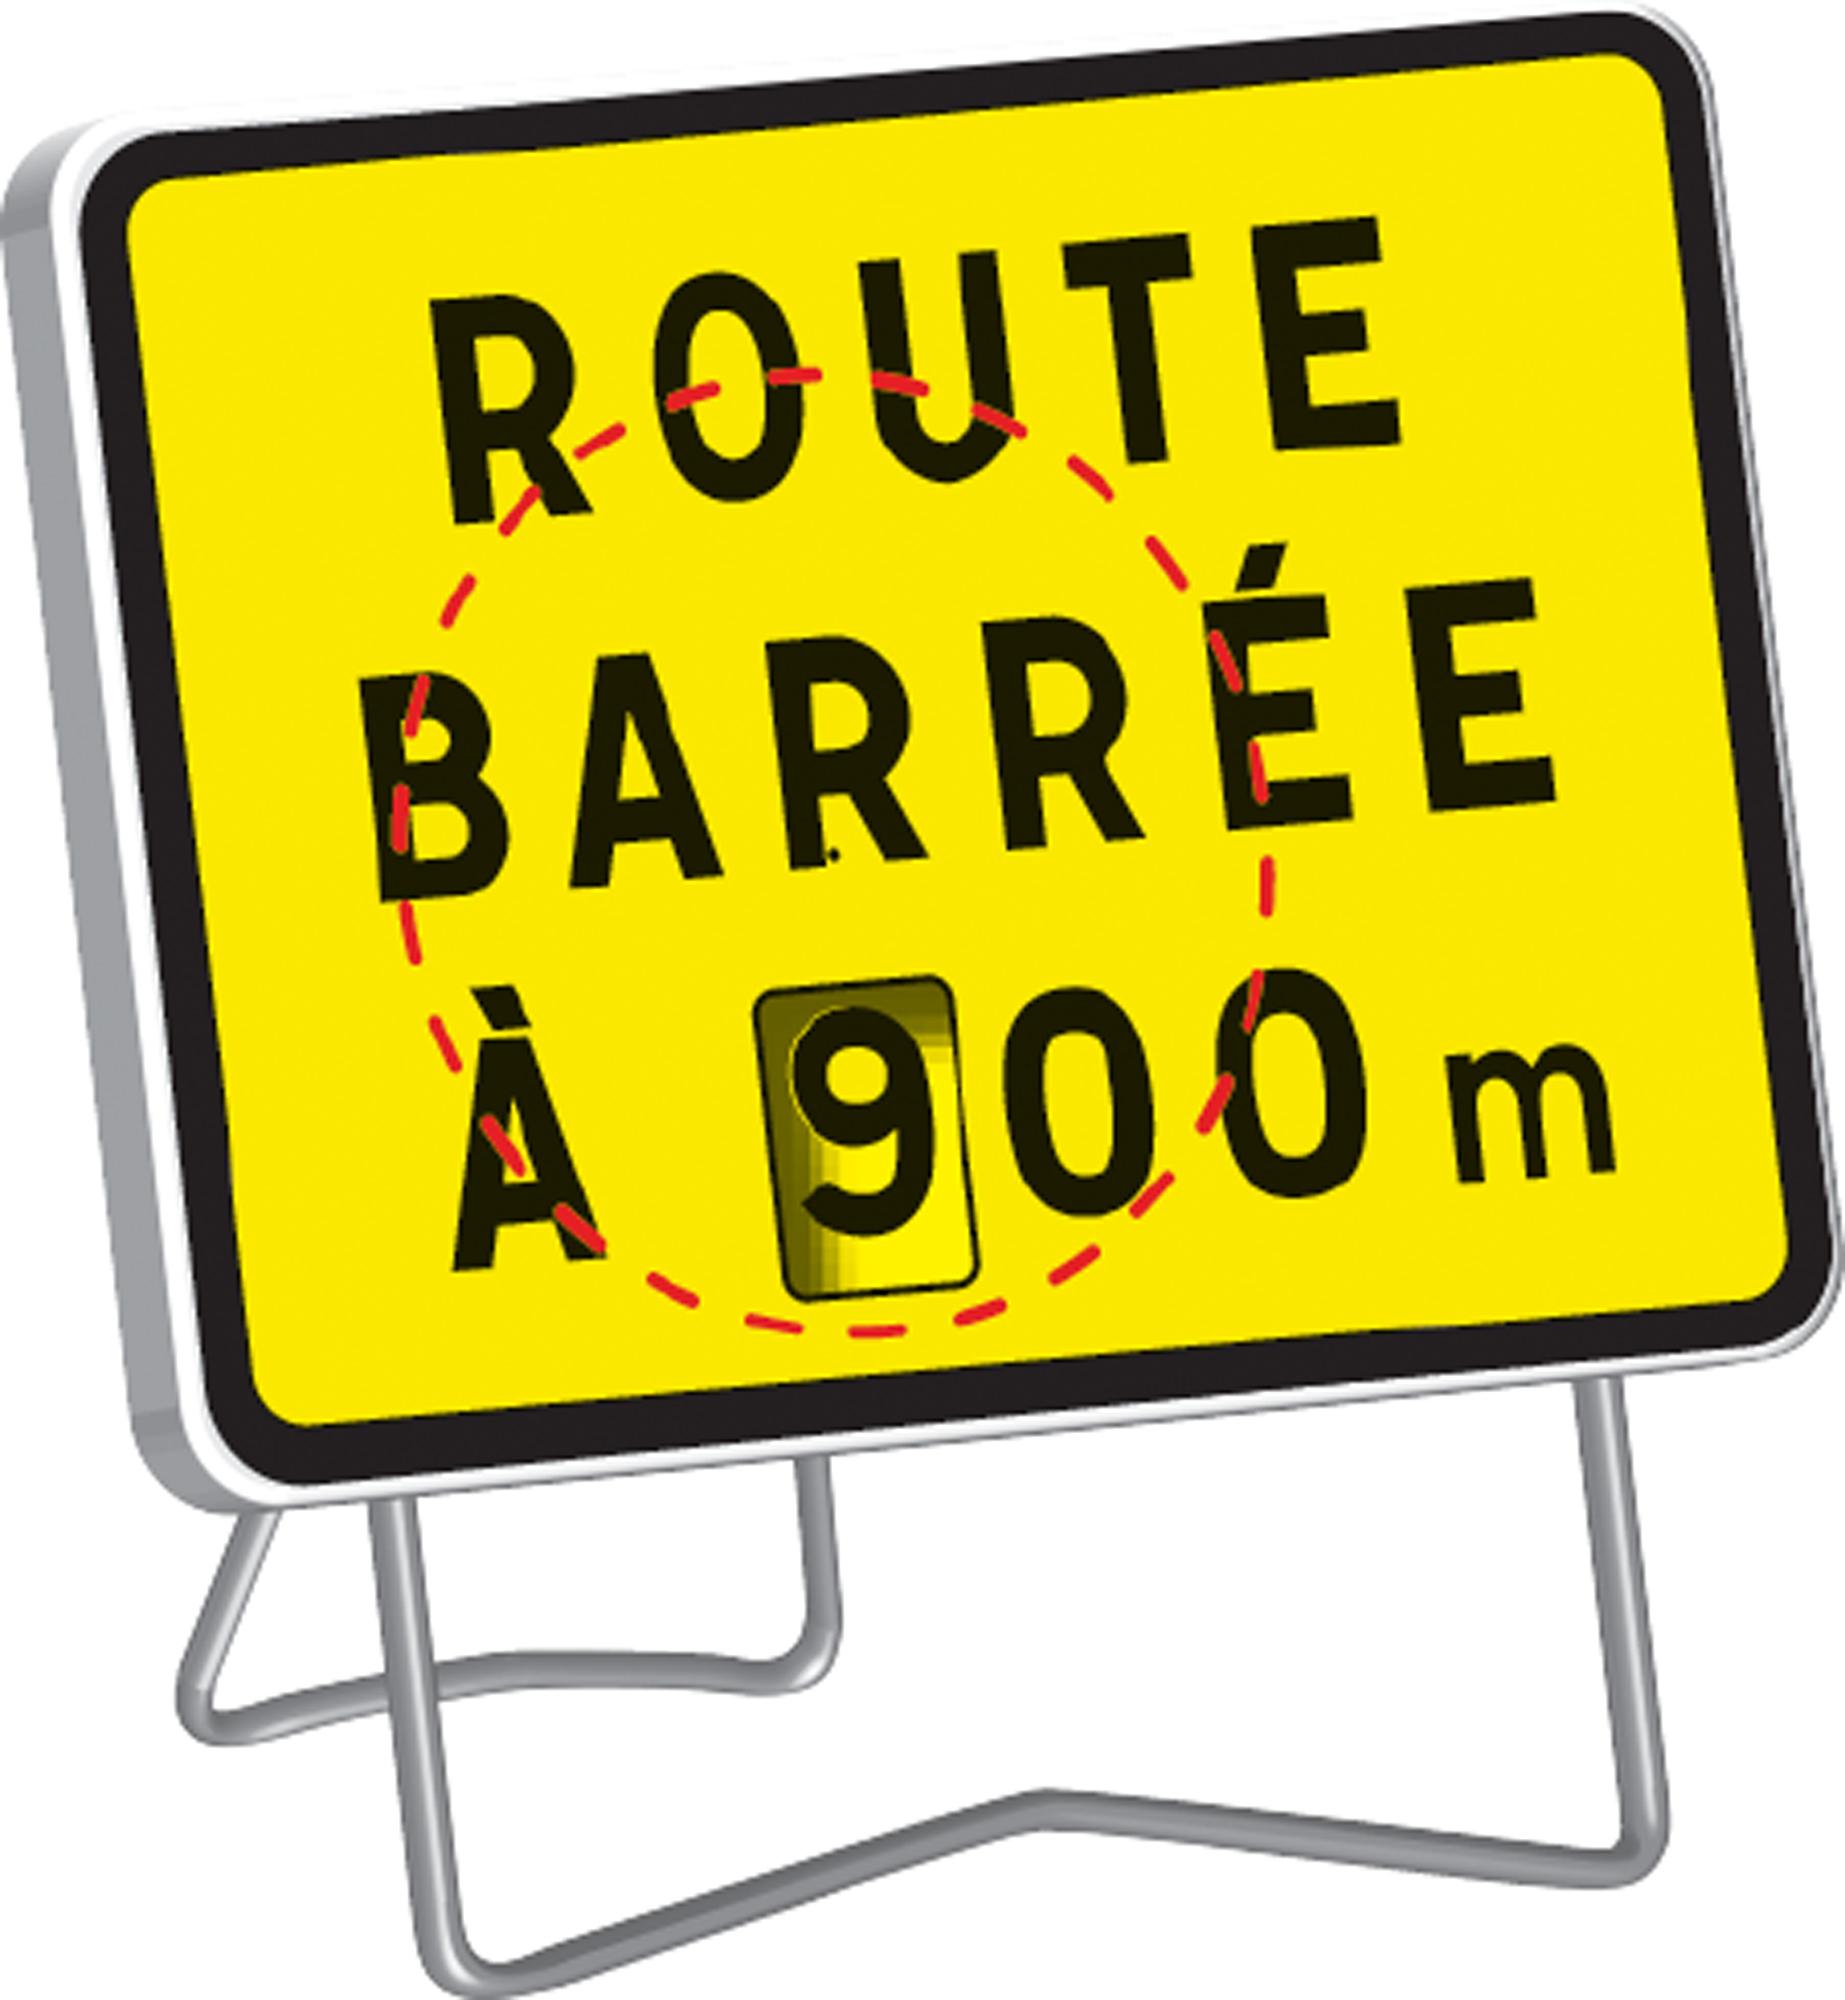 Panneau kc1 ' route barree a --- m ' avec disque de distance variable de 100 à 900 m classe t1 + pied - nadia signalisation - 201234